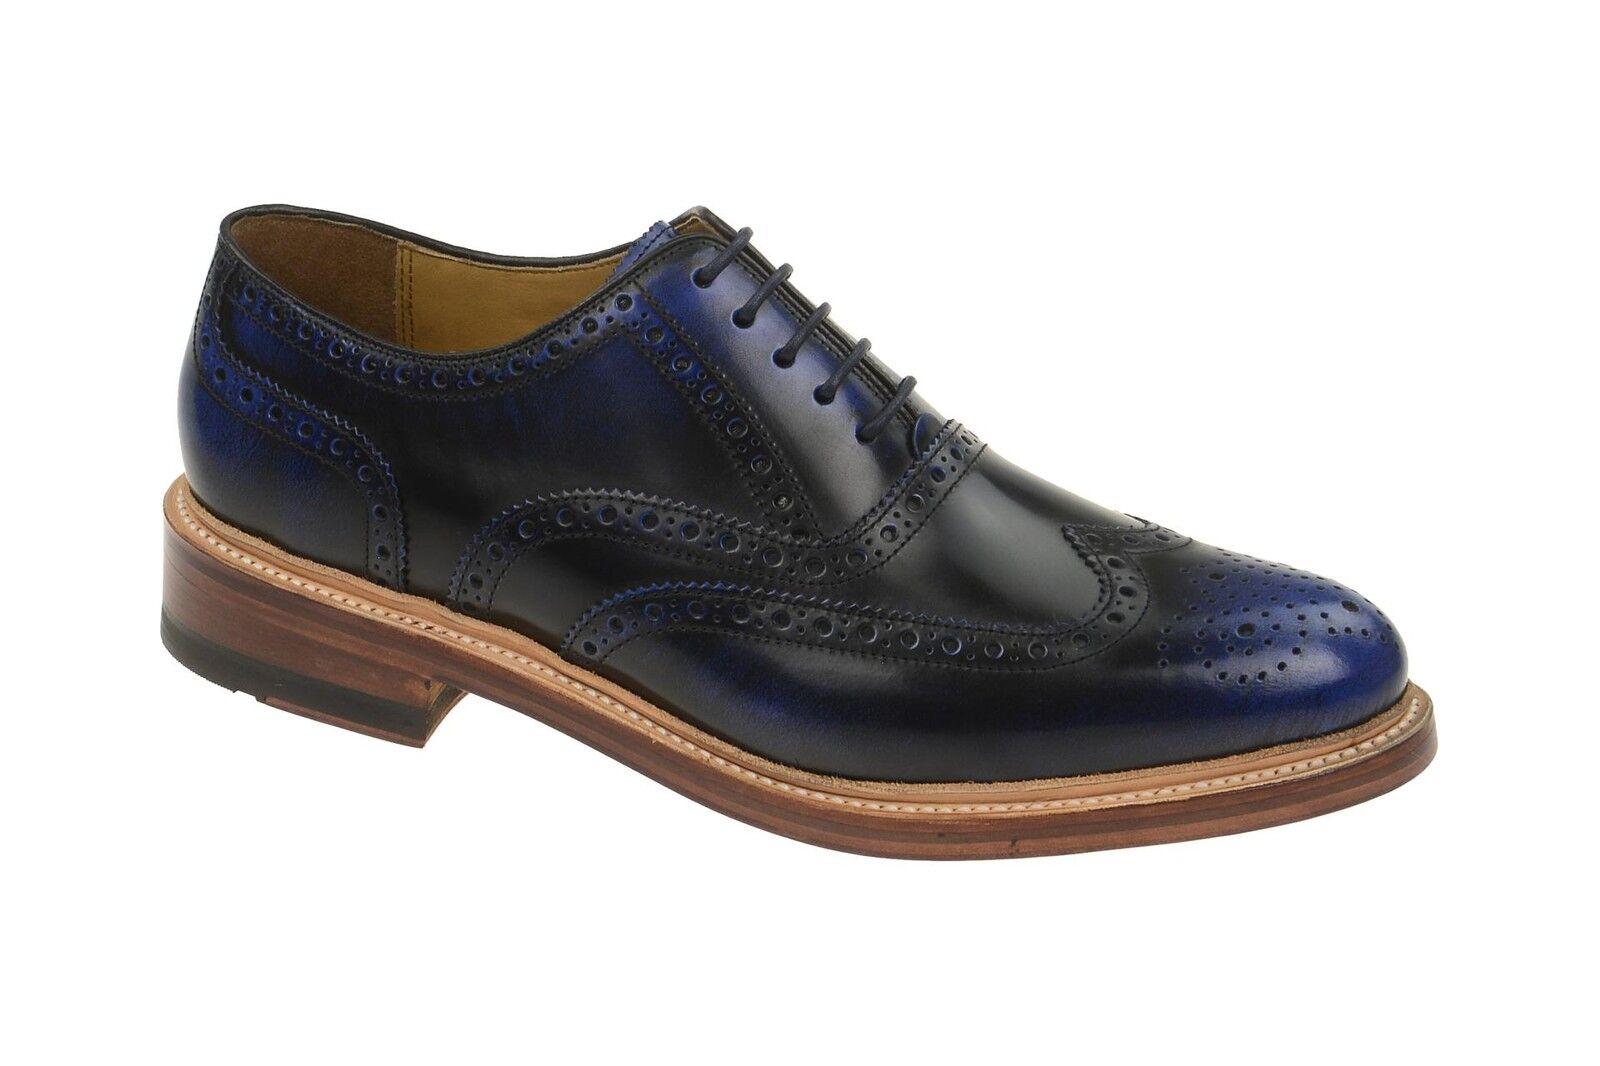 Gordon & & & Bros. Schuhe LEVET blau Herrenschuhe rahmengenähte Schuhe 2506 Blau NEU  Schnelle Lieferung